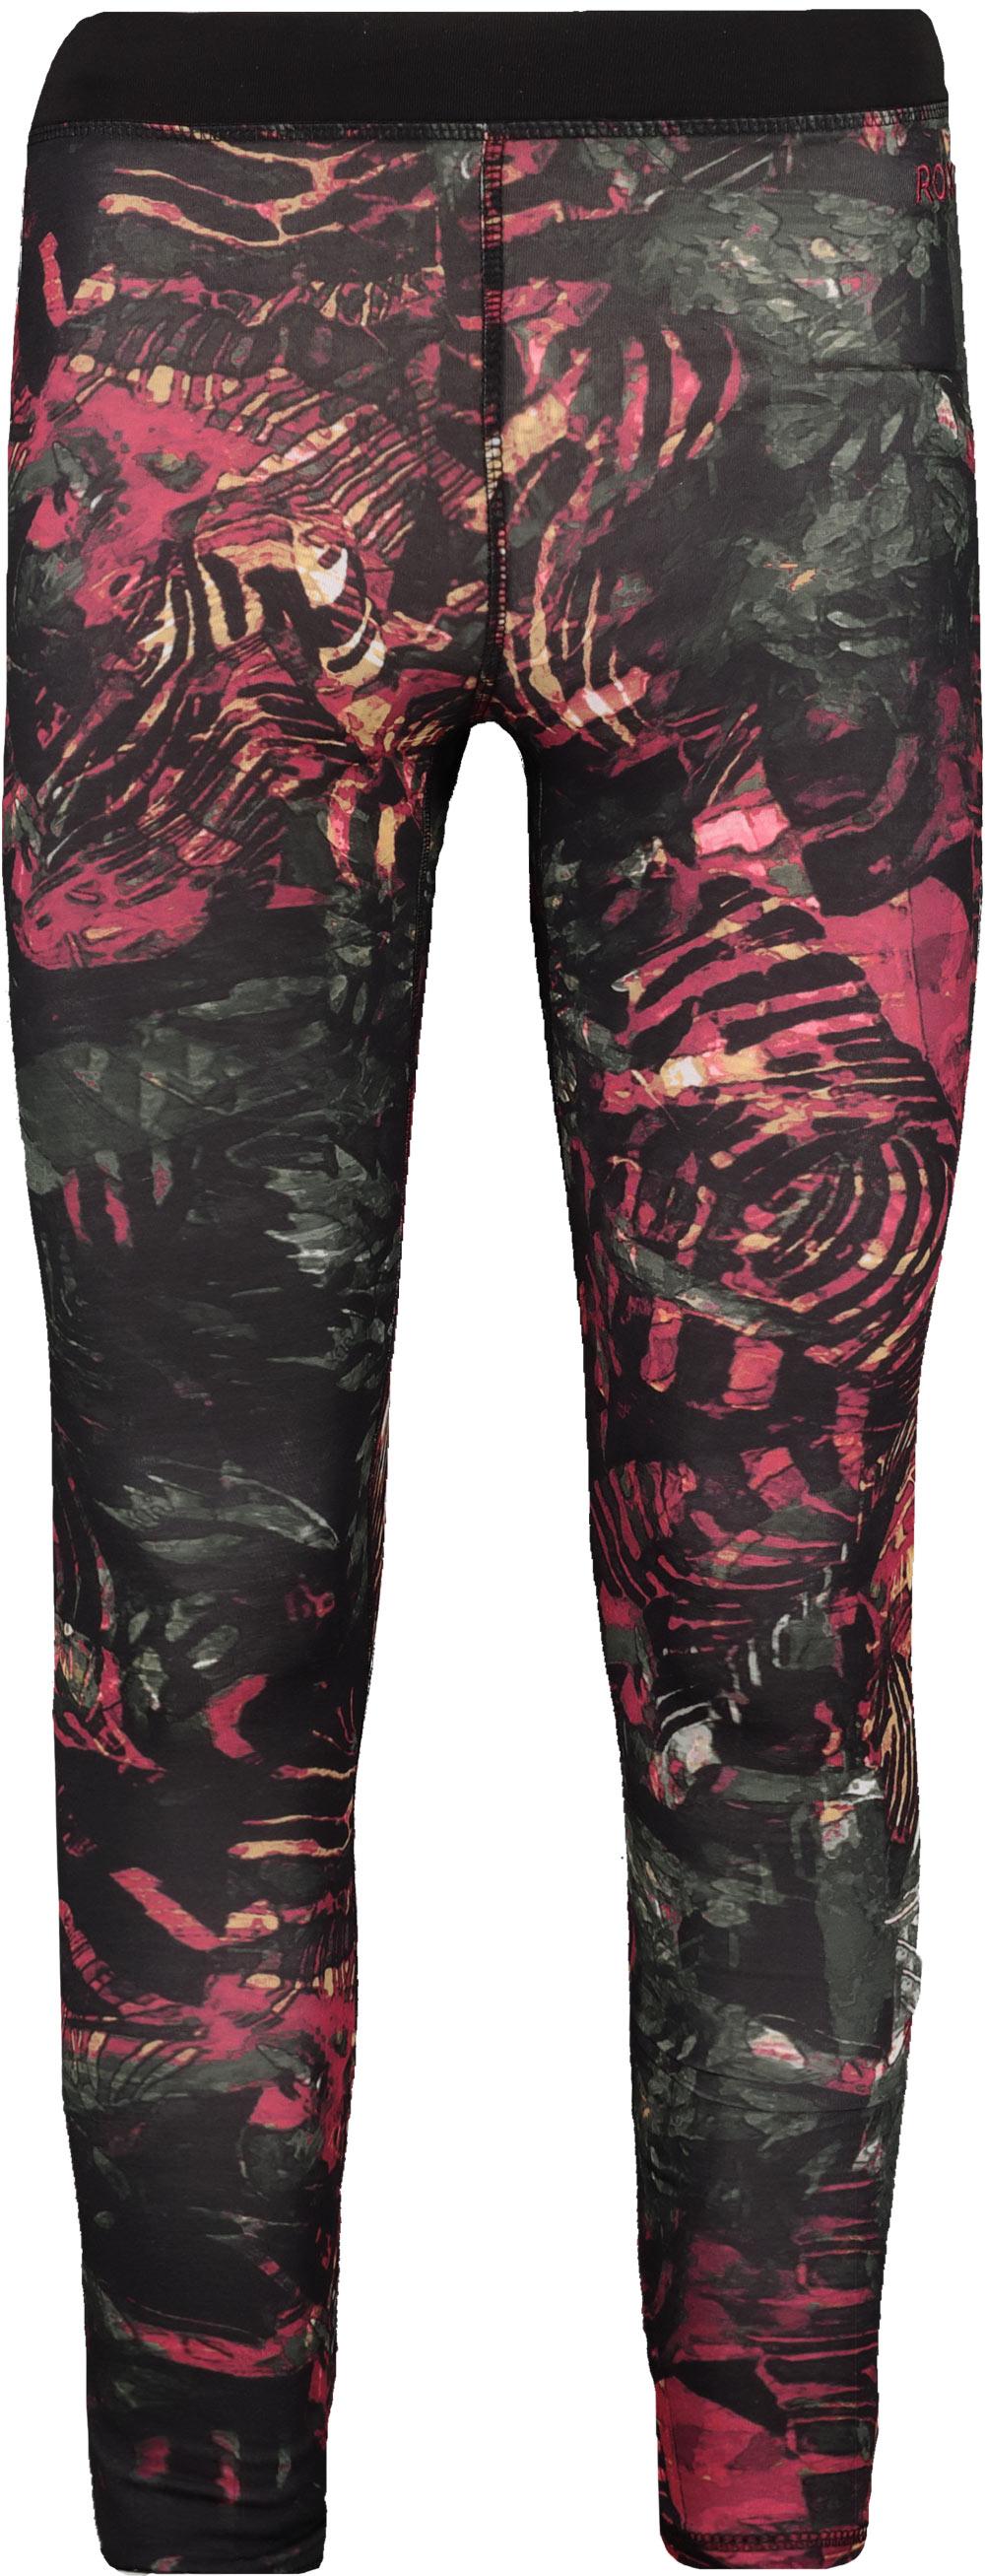 Women's functional pants ROXY DAYBREAK